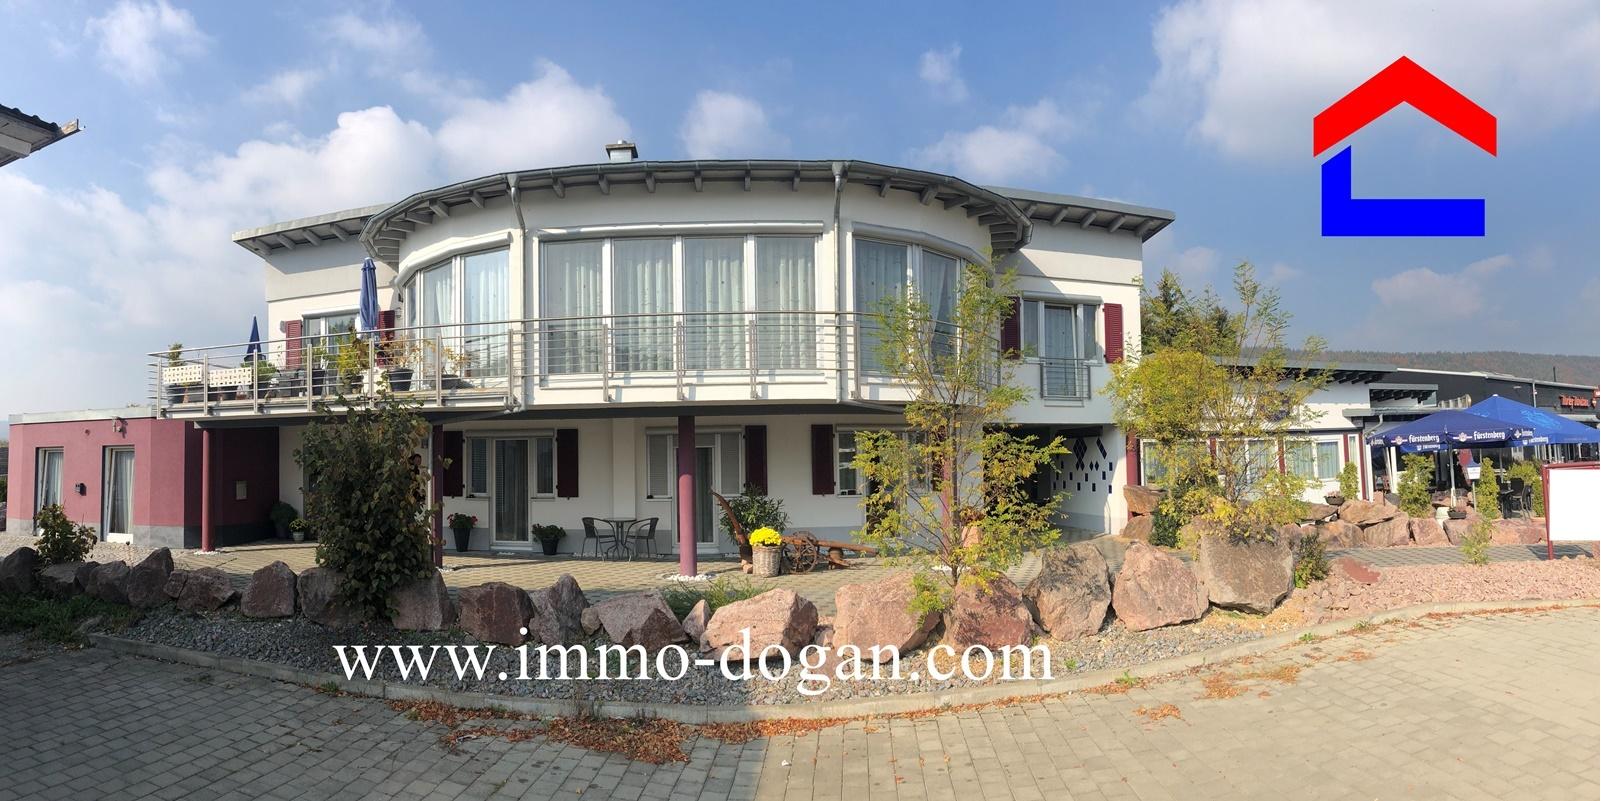 Wohn-und Geschäftshaus mit Restaurant / Pension Stil & Charme.